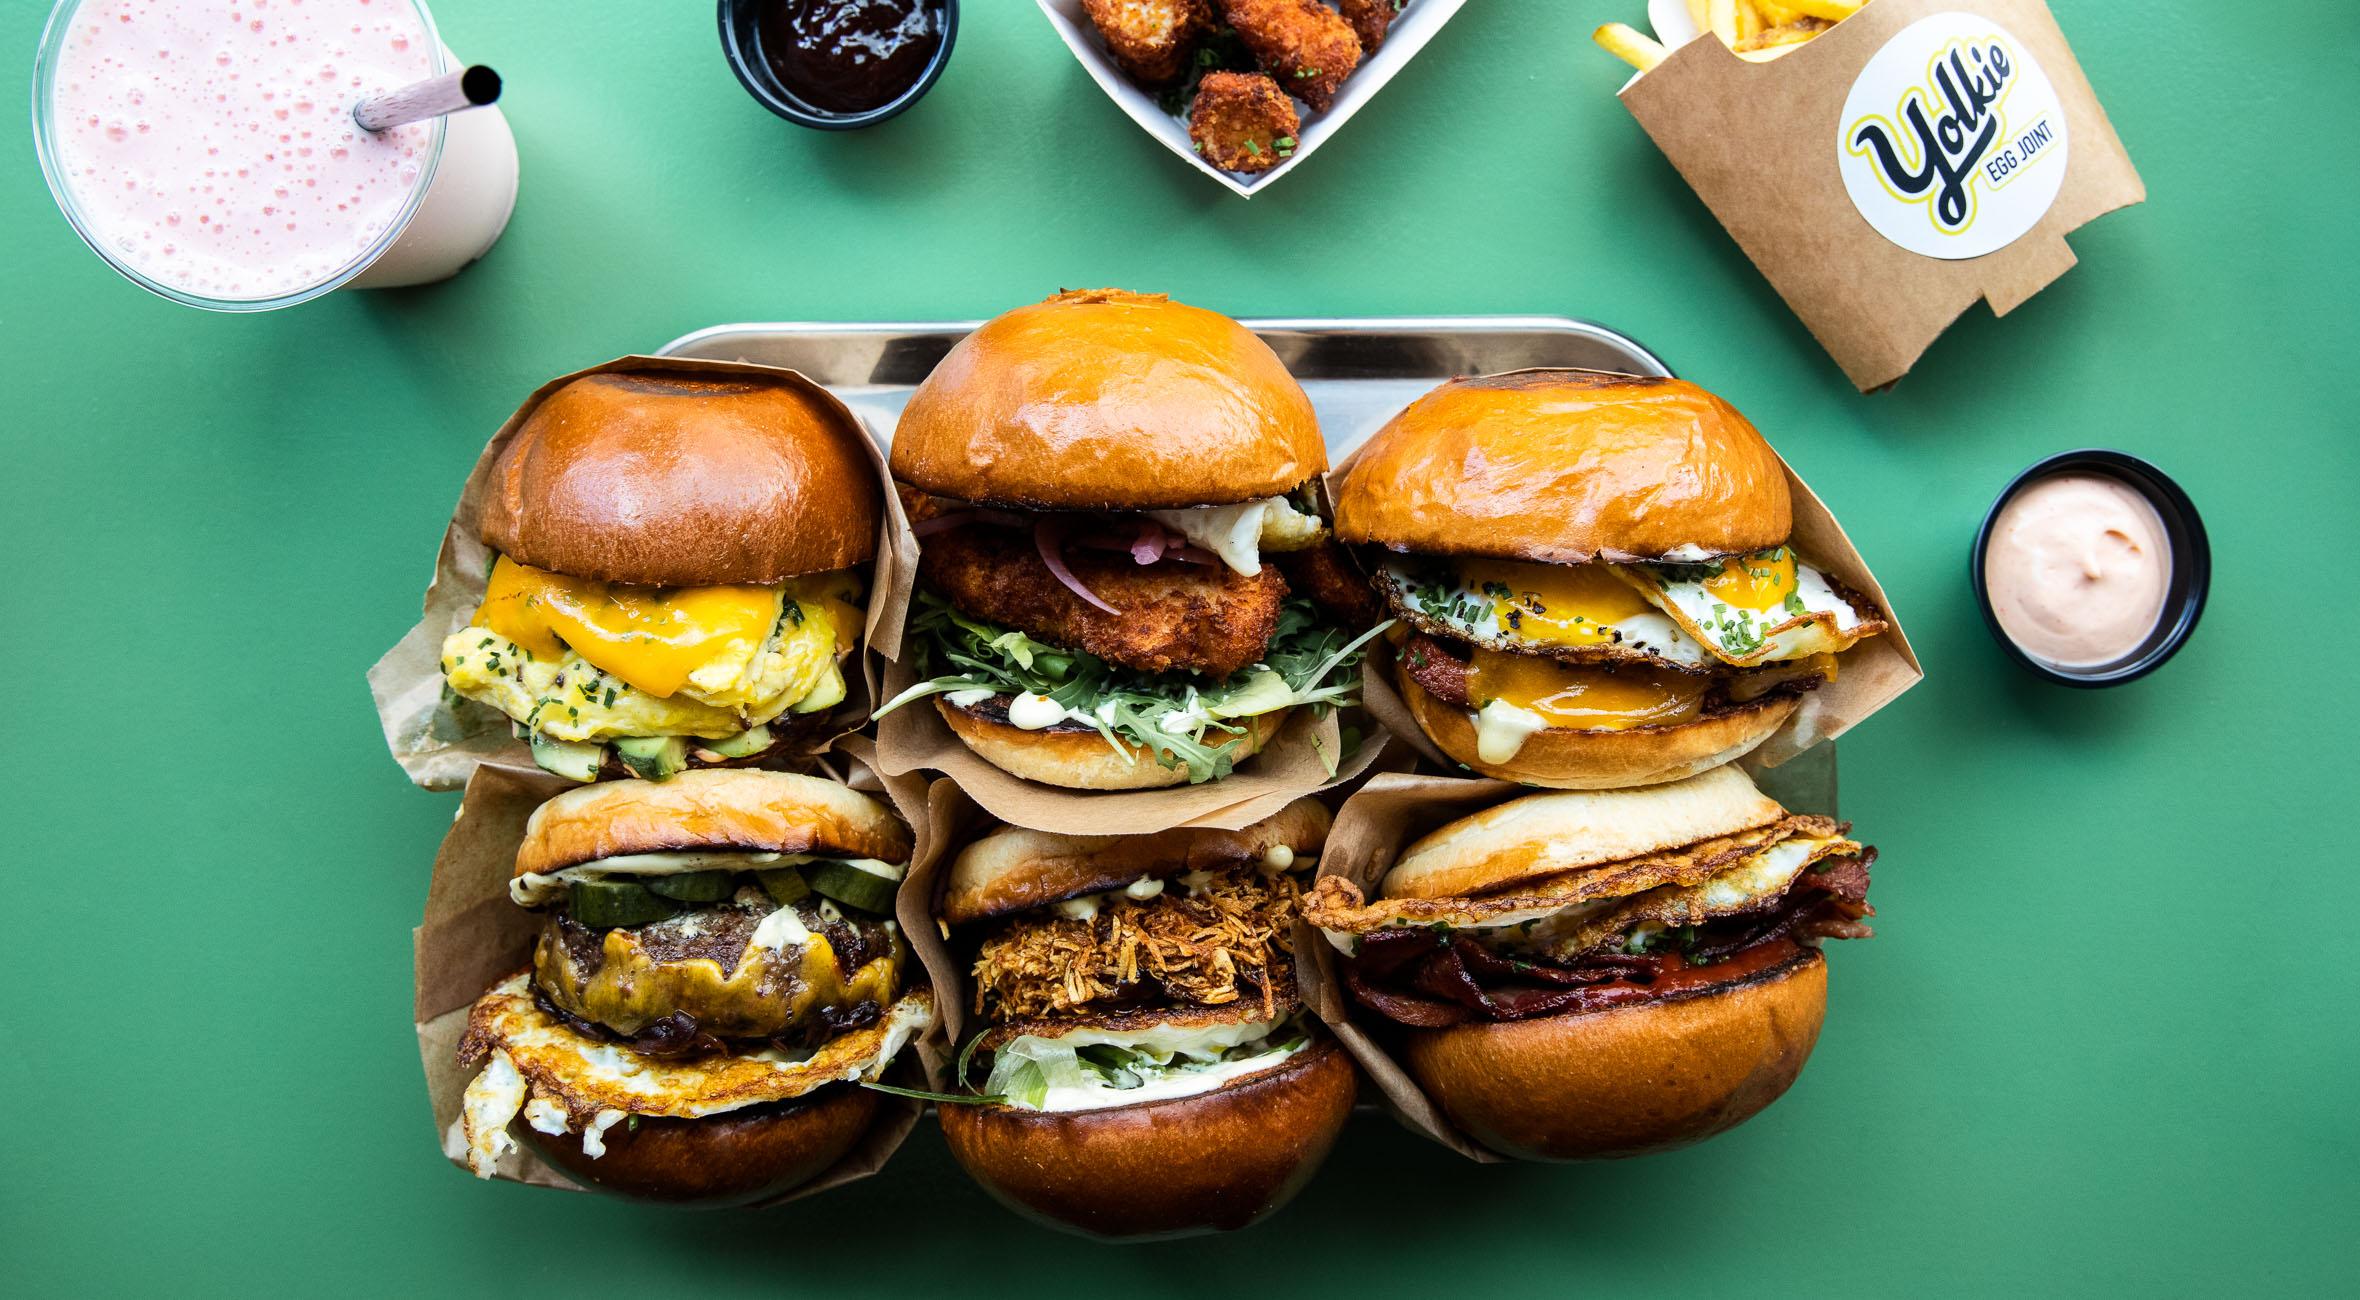 Frit valg til alt hos Yolkie Egg Joint – Ny fast food restaurant sætter ægget i fokus og serverer burgere morgen, middag og aften